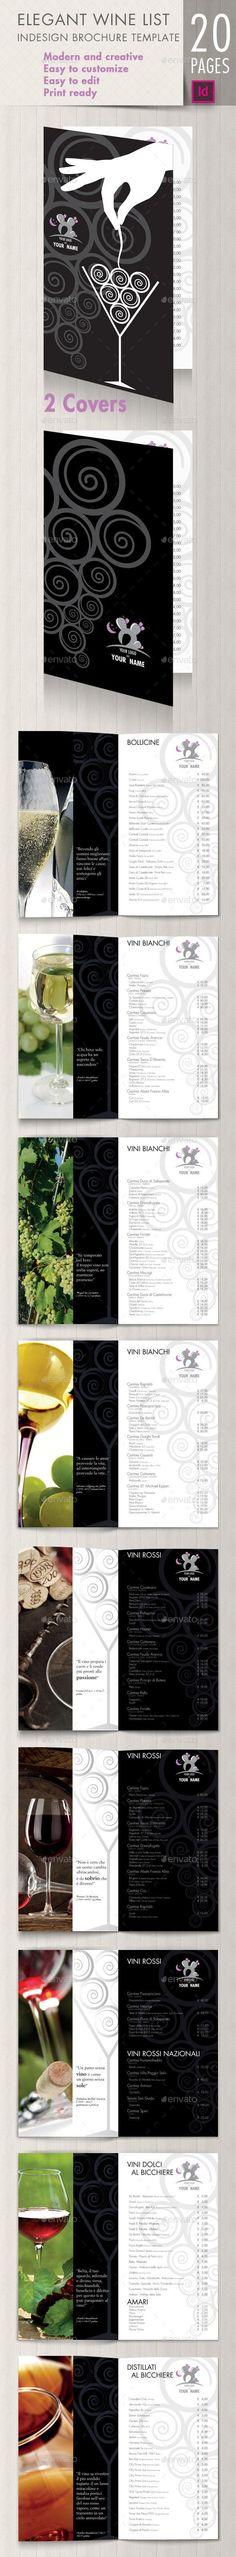 Wine List Menu Card Design Template      Menu Card